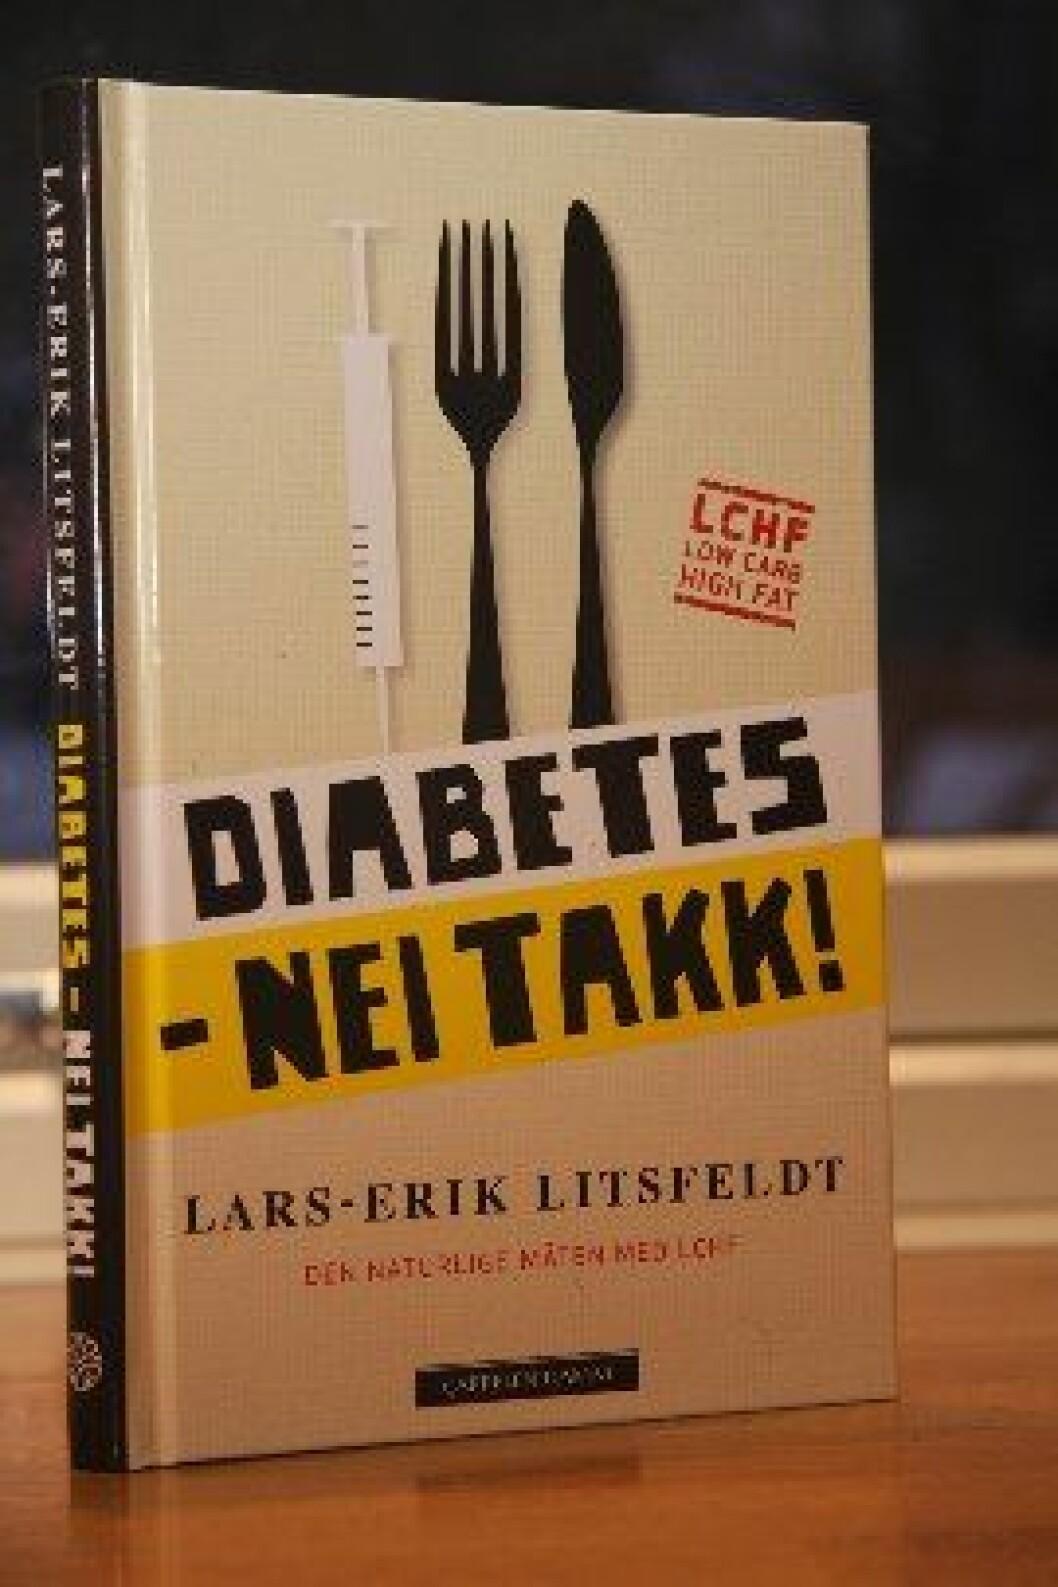 Diabetes Nei takk nett